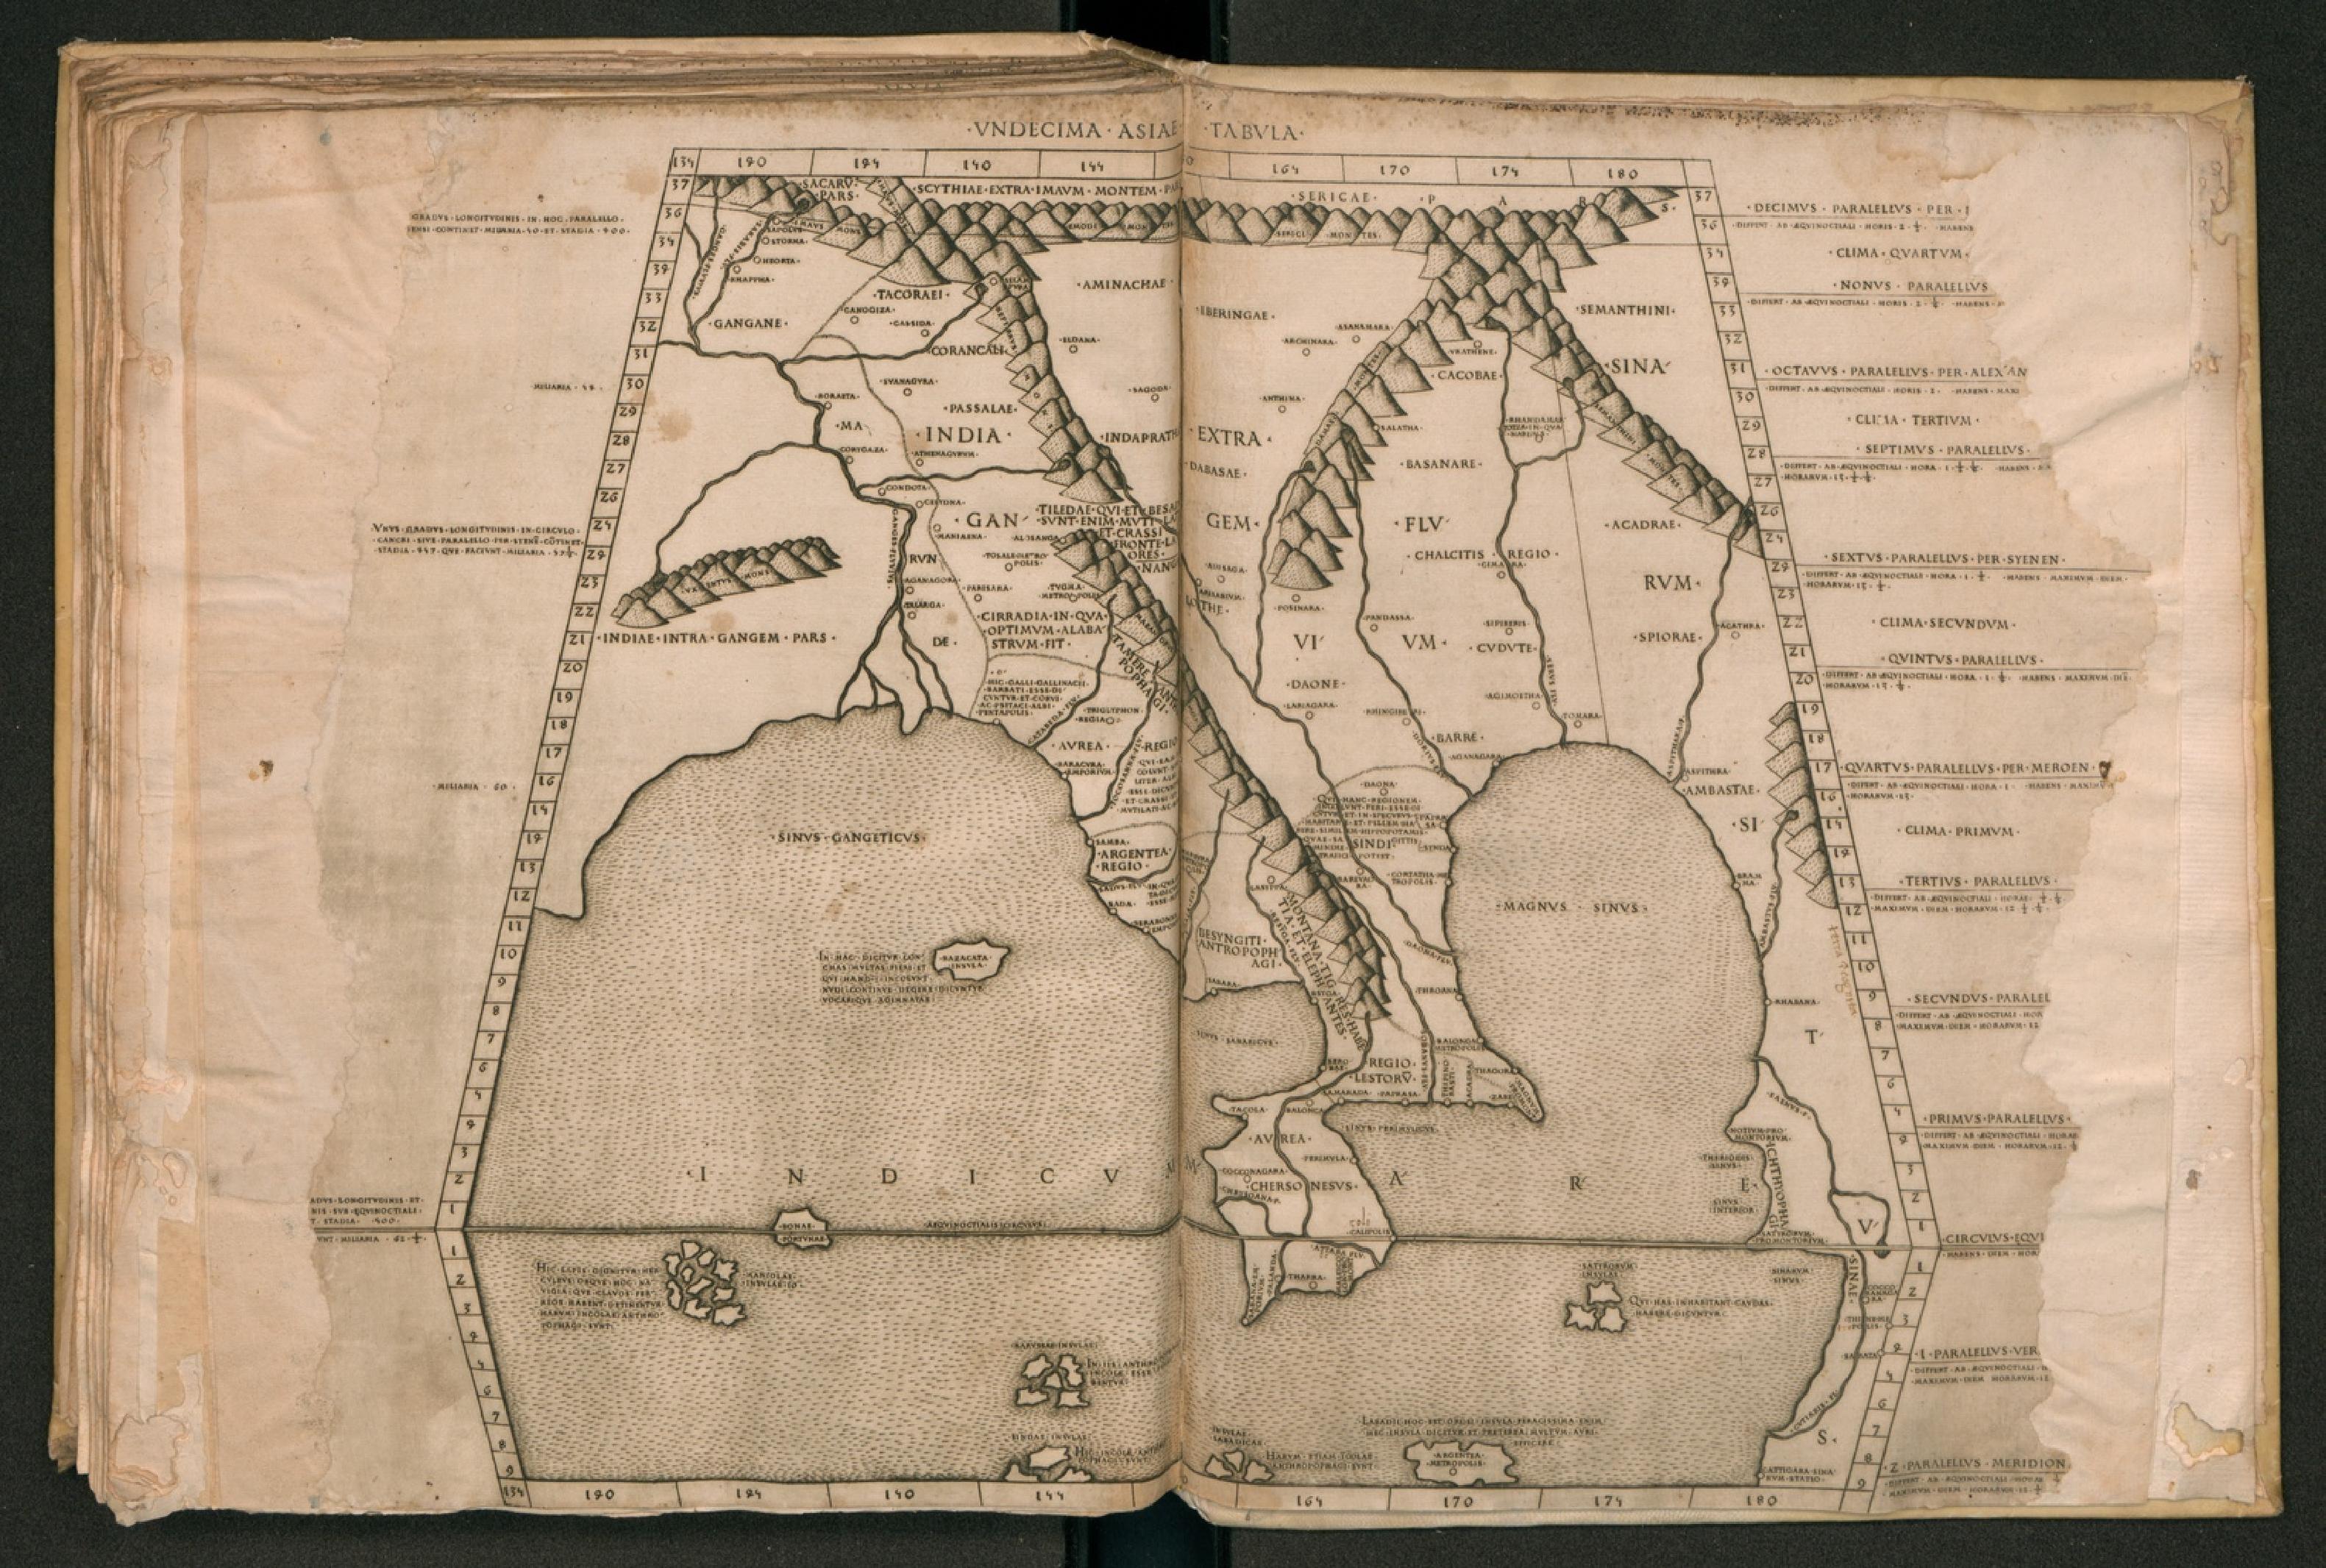 File:Undecima Asiae Tabula (1478).jpg